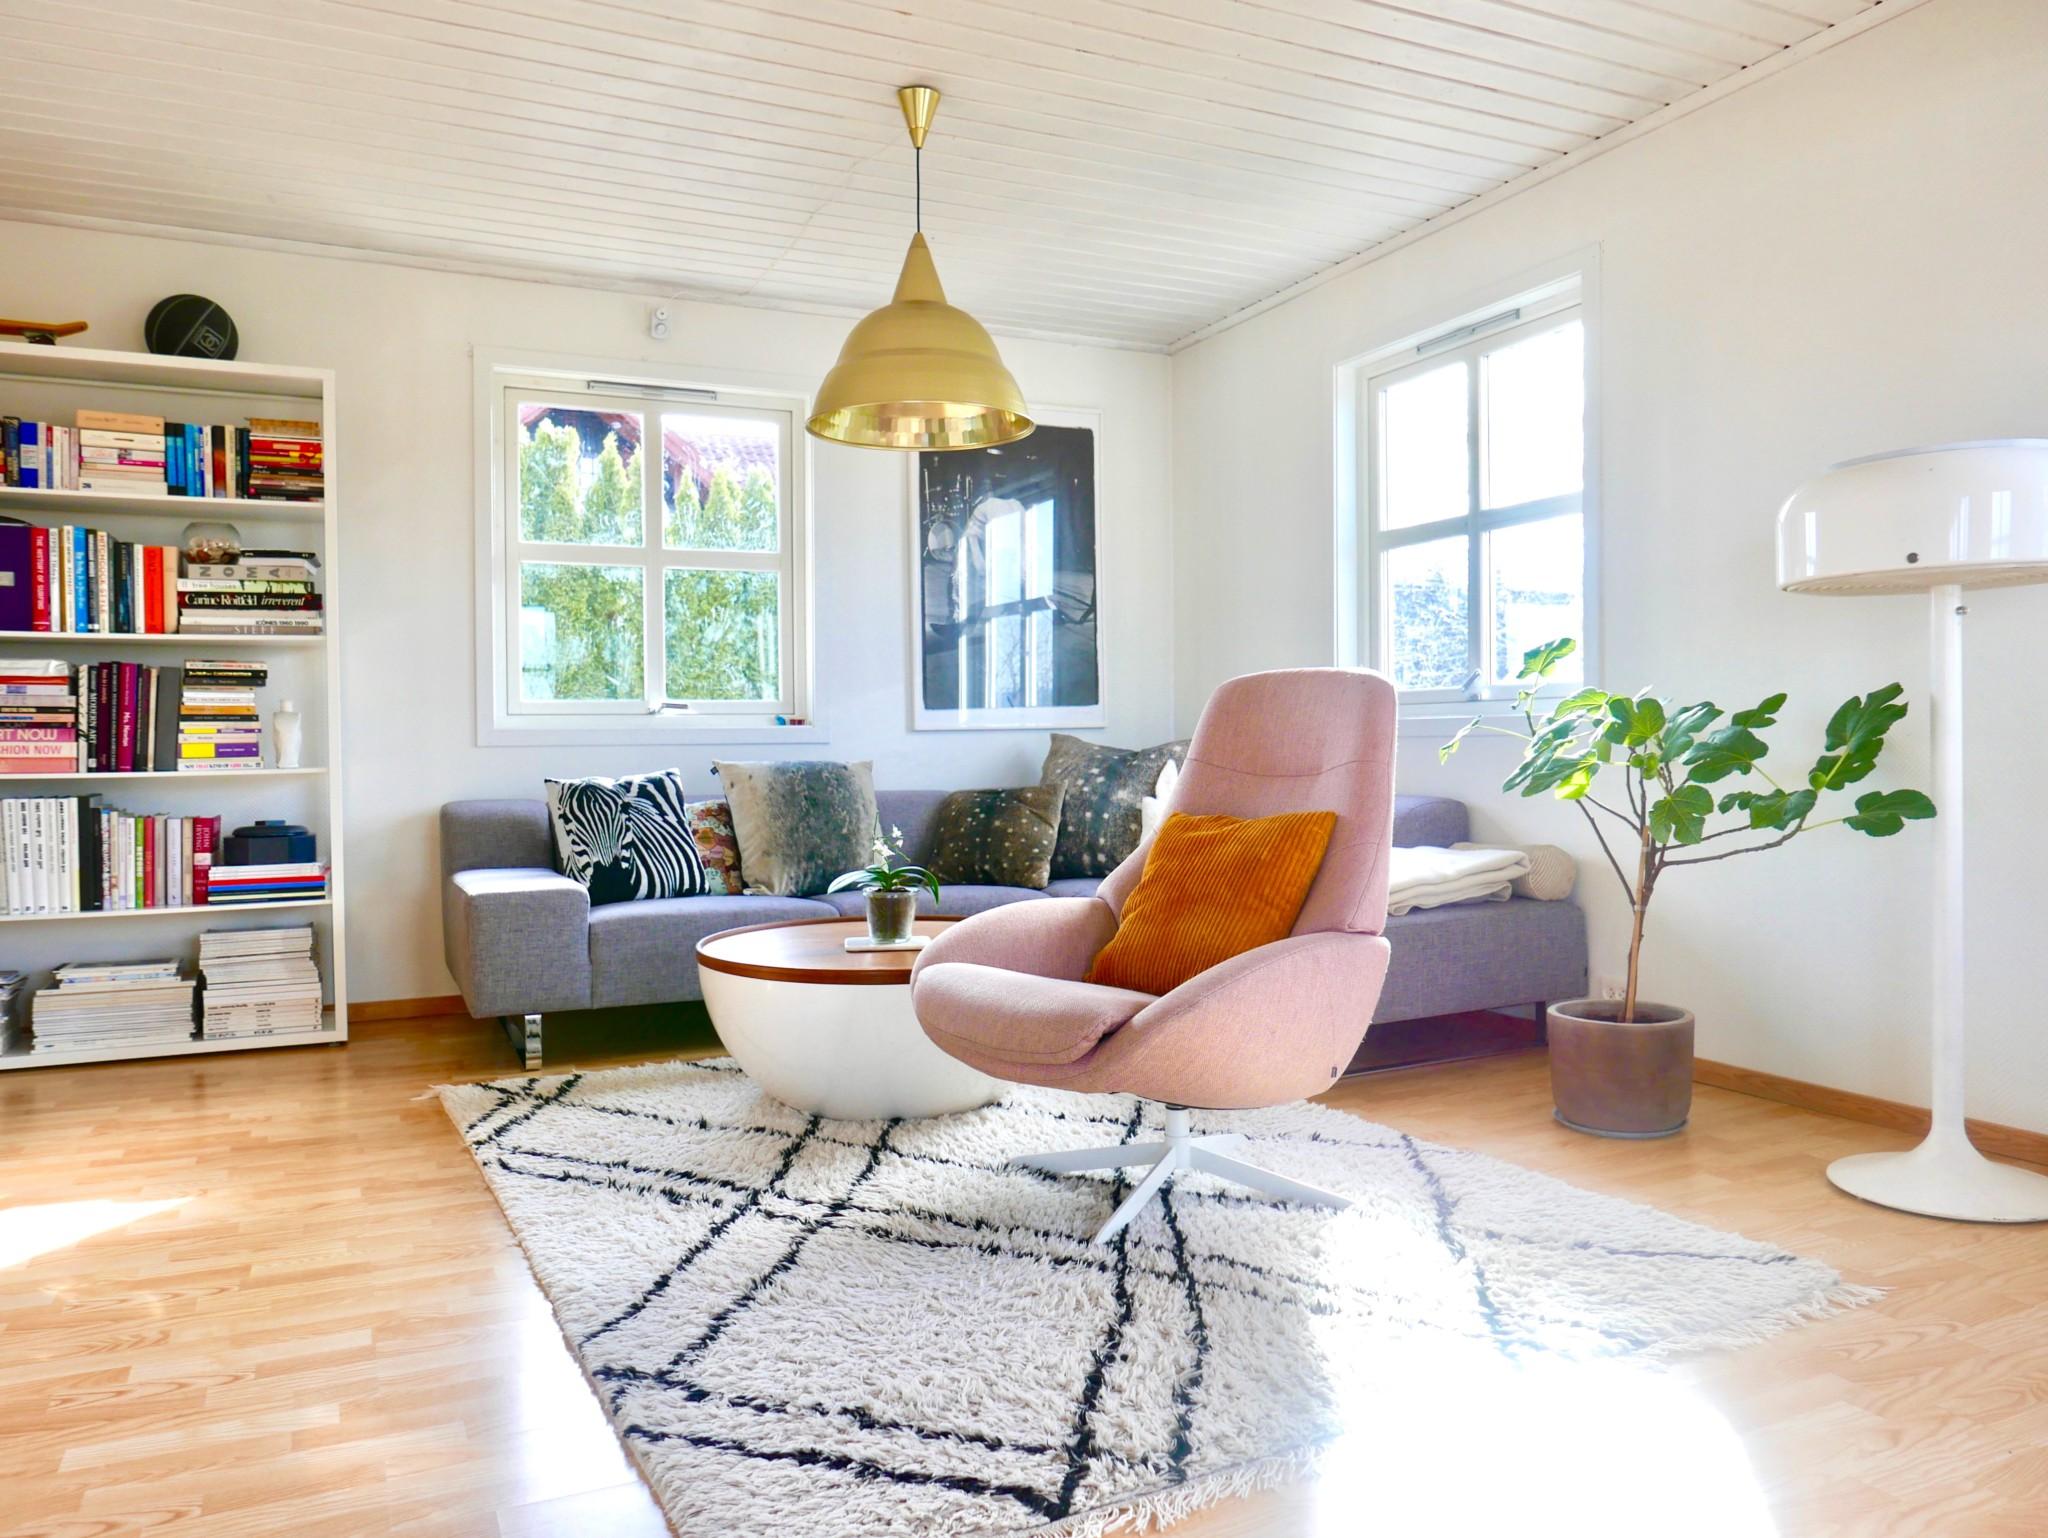 stue-living-room-freska-miljovennlig-vask